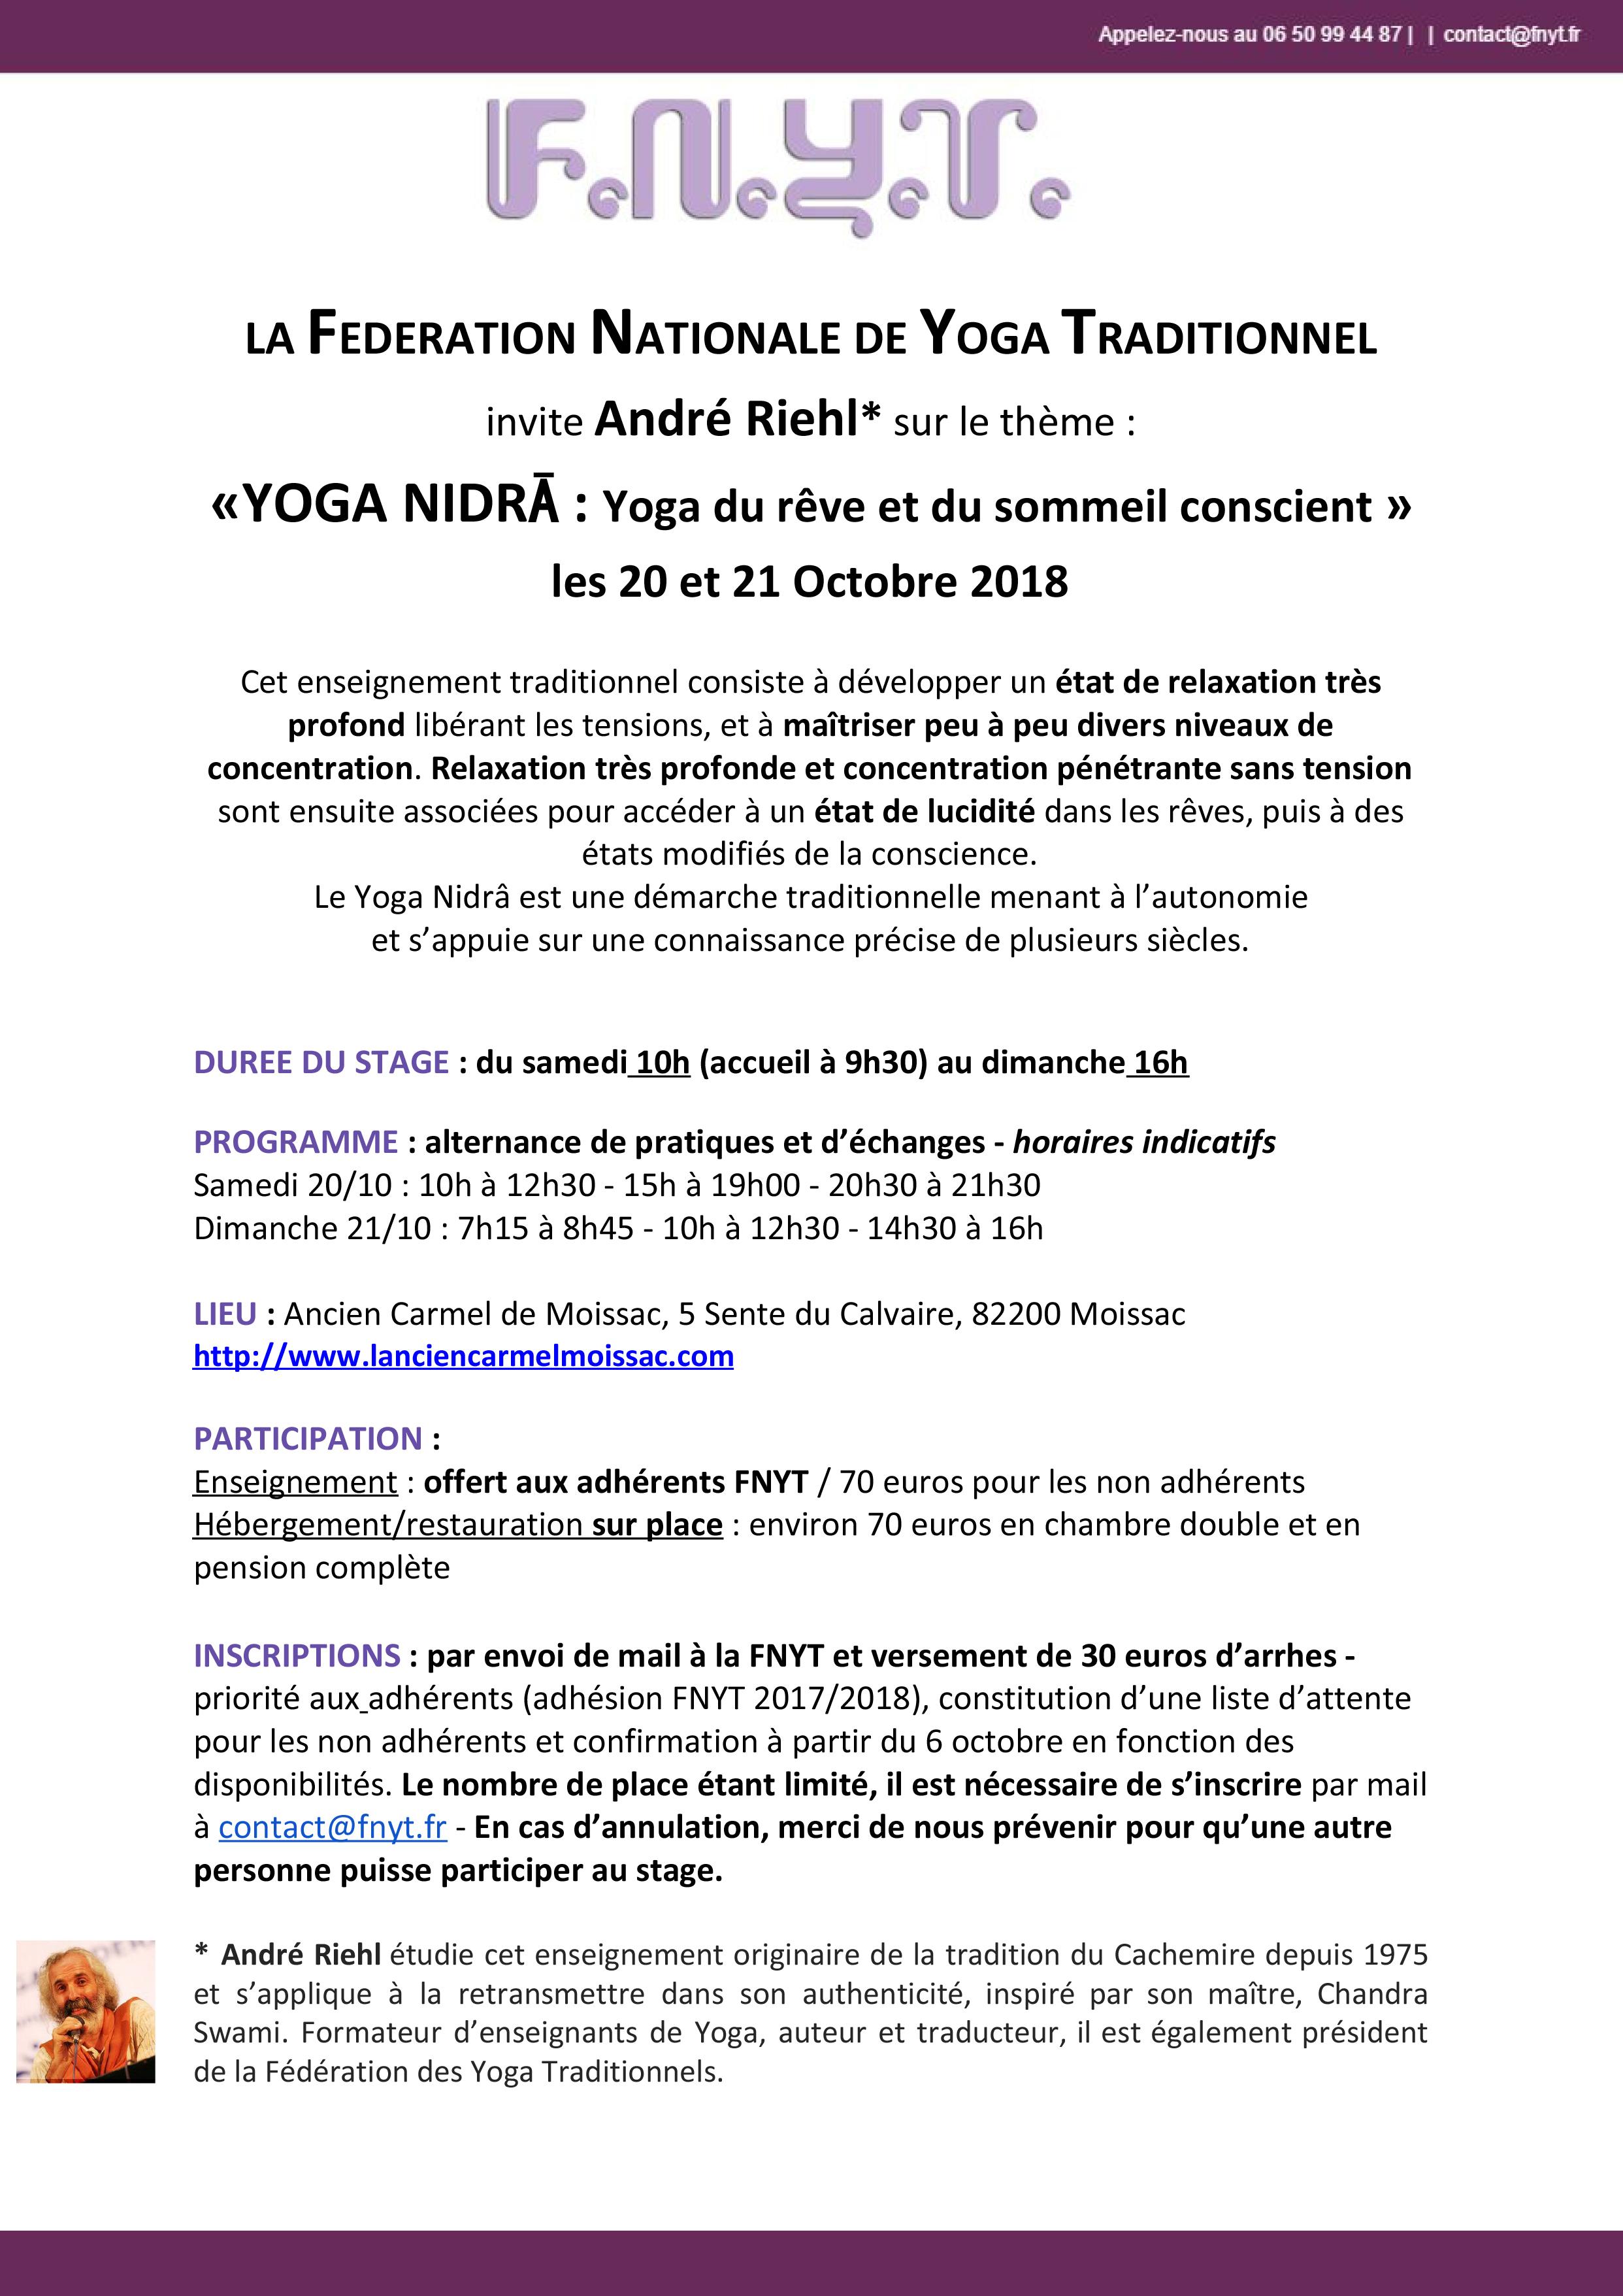 Stage de Yoga Nidra, 20 et 21 octobre